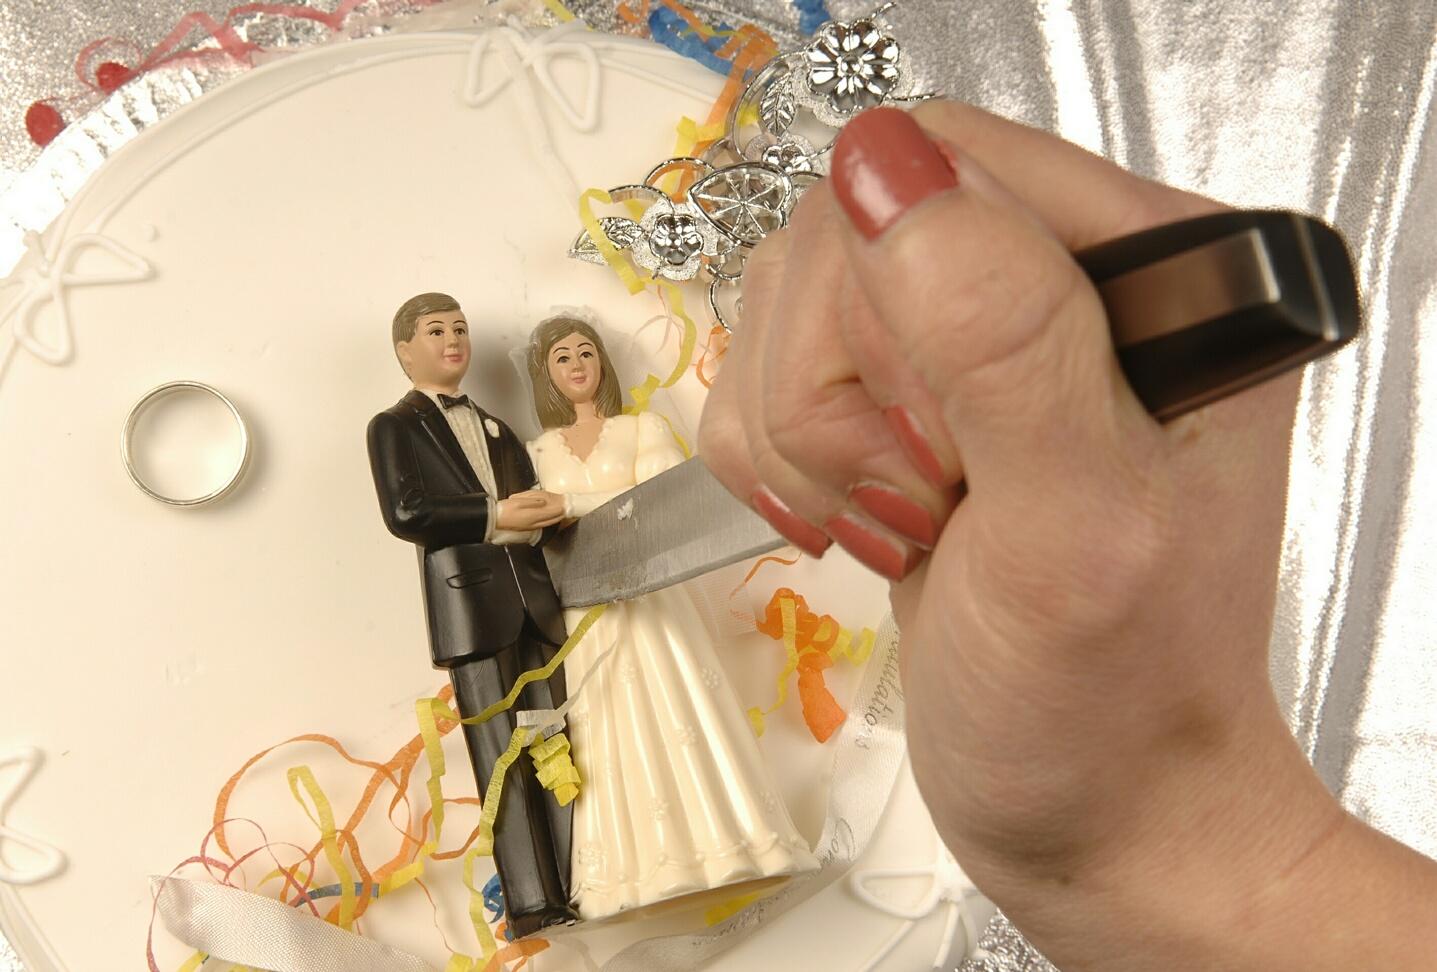 صوره صور مضحكه عن الزواج , نكت رائعه عن المتزوجون